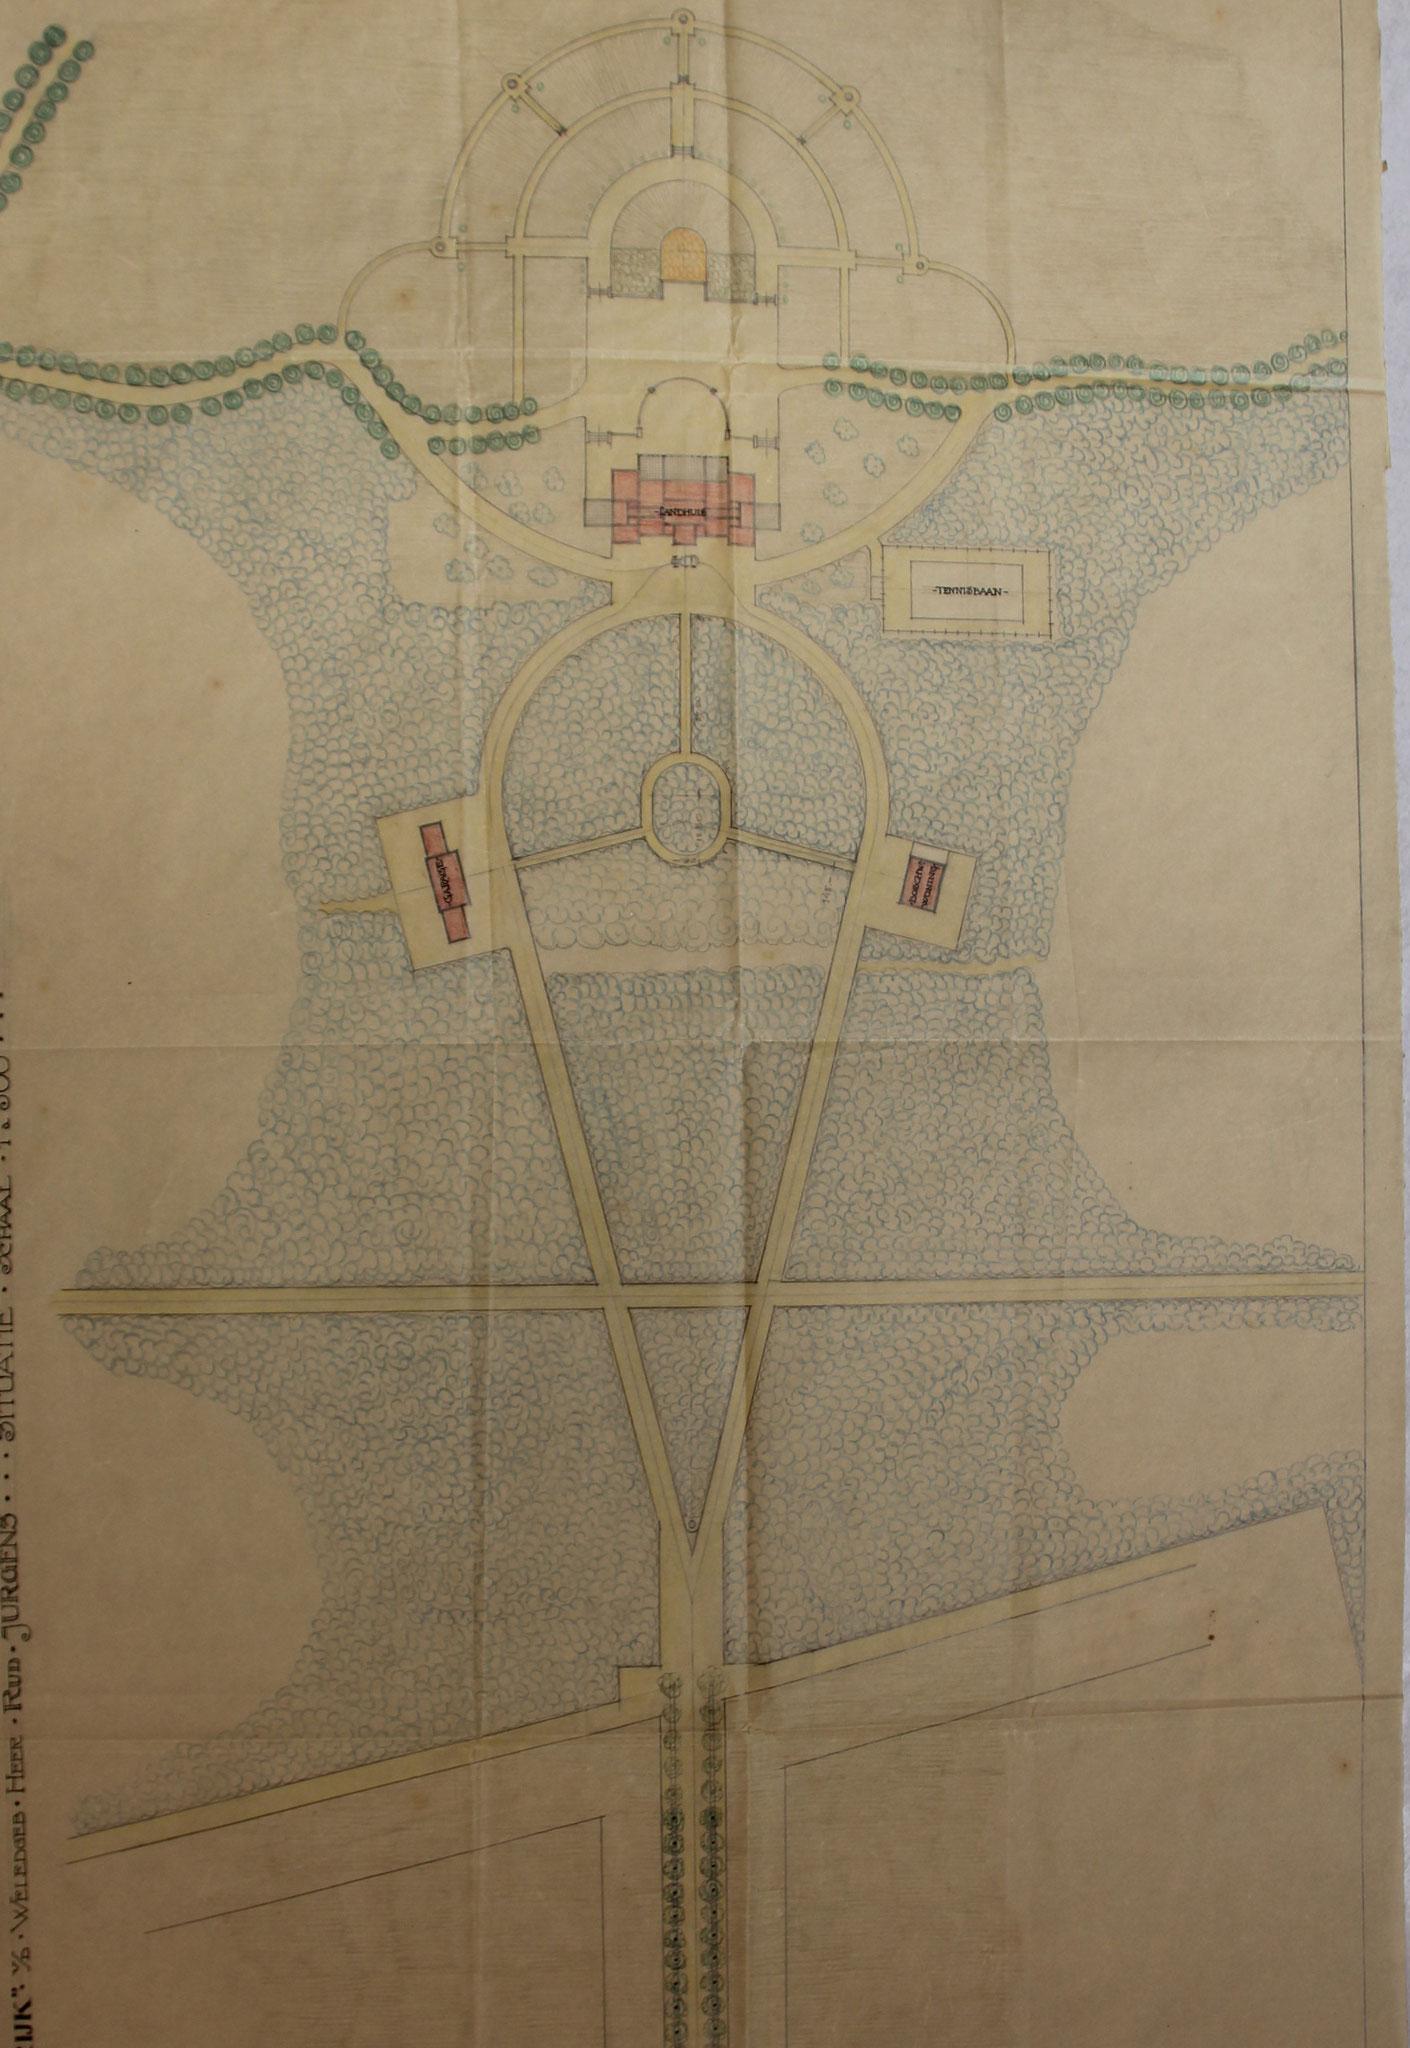 Ontwerp voor de bebouwing, bestaande uit hoofdhuis, bijgebouwen en druppelvormige laan, Charles Estourgie (Het Archief Nijmegen)